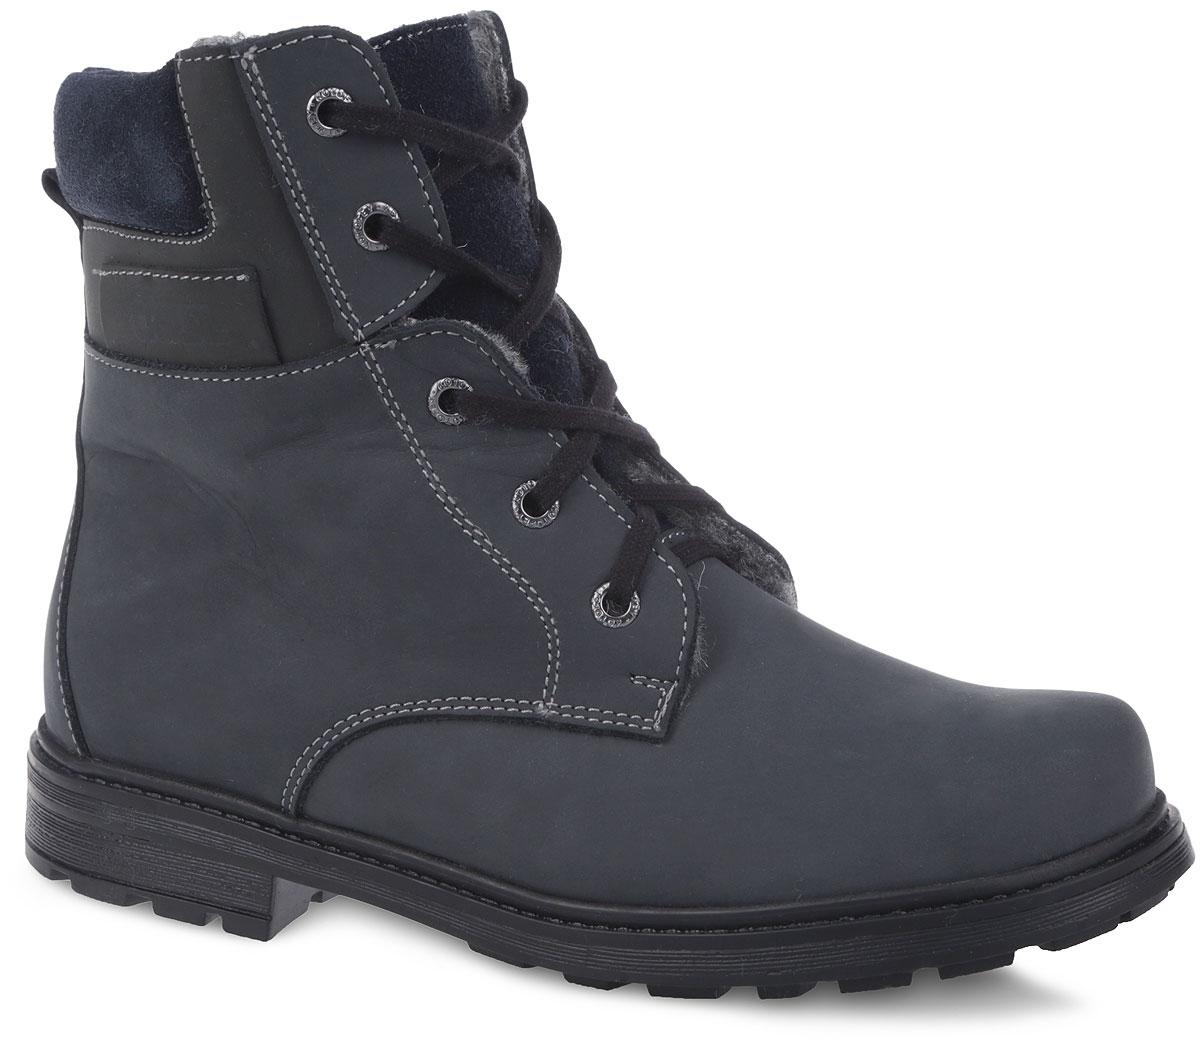 Ботинки детские. 952004952004-41Стильные ботинки от Котофей приведут в восторг любого модника! Модель выполнена из натурального нубука и оформлена лаконичной прострочкой. Мягкий манжет из натуральной замши придает дополнительный комфорт во время носки. Ботинки застегиваются на застежку-молнию, расположенную сбоку. Шнуровка прочно зафиксирует изделие на ноге. Ярлычок на заднике предназначен для удобства обувания. Подкладка из натуральной овечьей шерсти и стелька из войлока создают надежную теплозащиту. Каблук и подошва с протектором обеспечивают идеальное сцепление с любыми поверхностями. Удобные ботинки - необходимая вещь в гардеробе каждого ребенка.